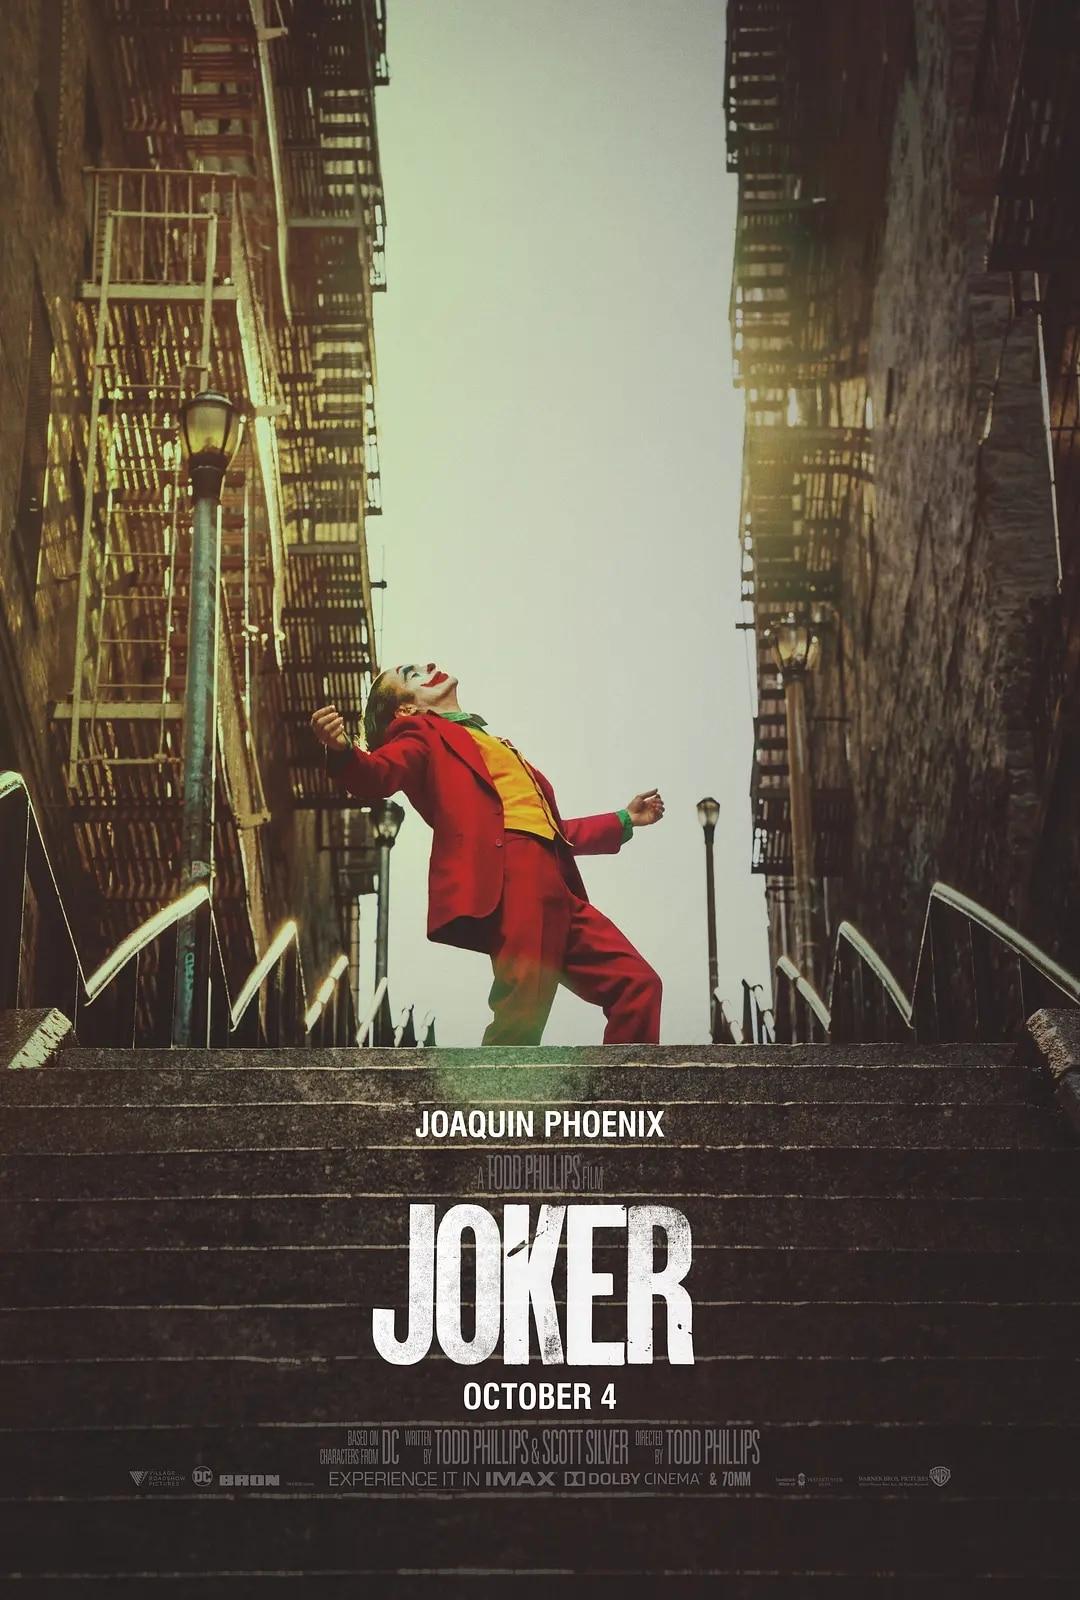 小丑 [韩语硬字幕,蓝光版12月出,大概12月初就会有高清数字版,影片获金狮奖]